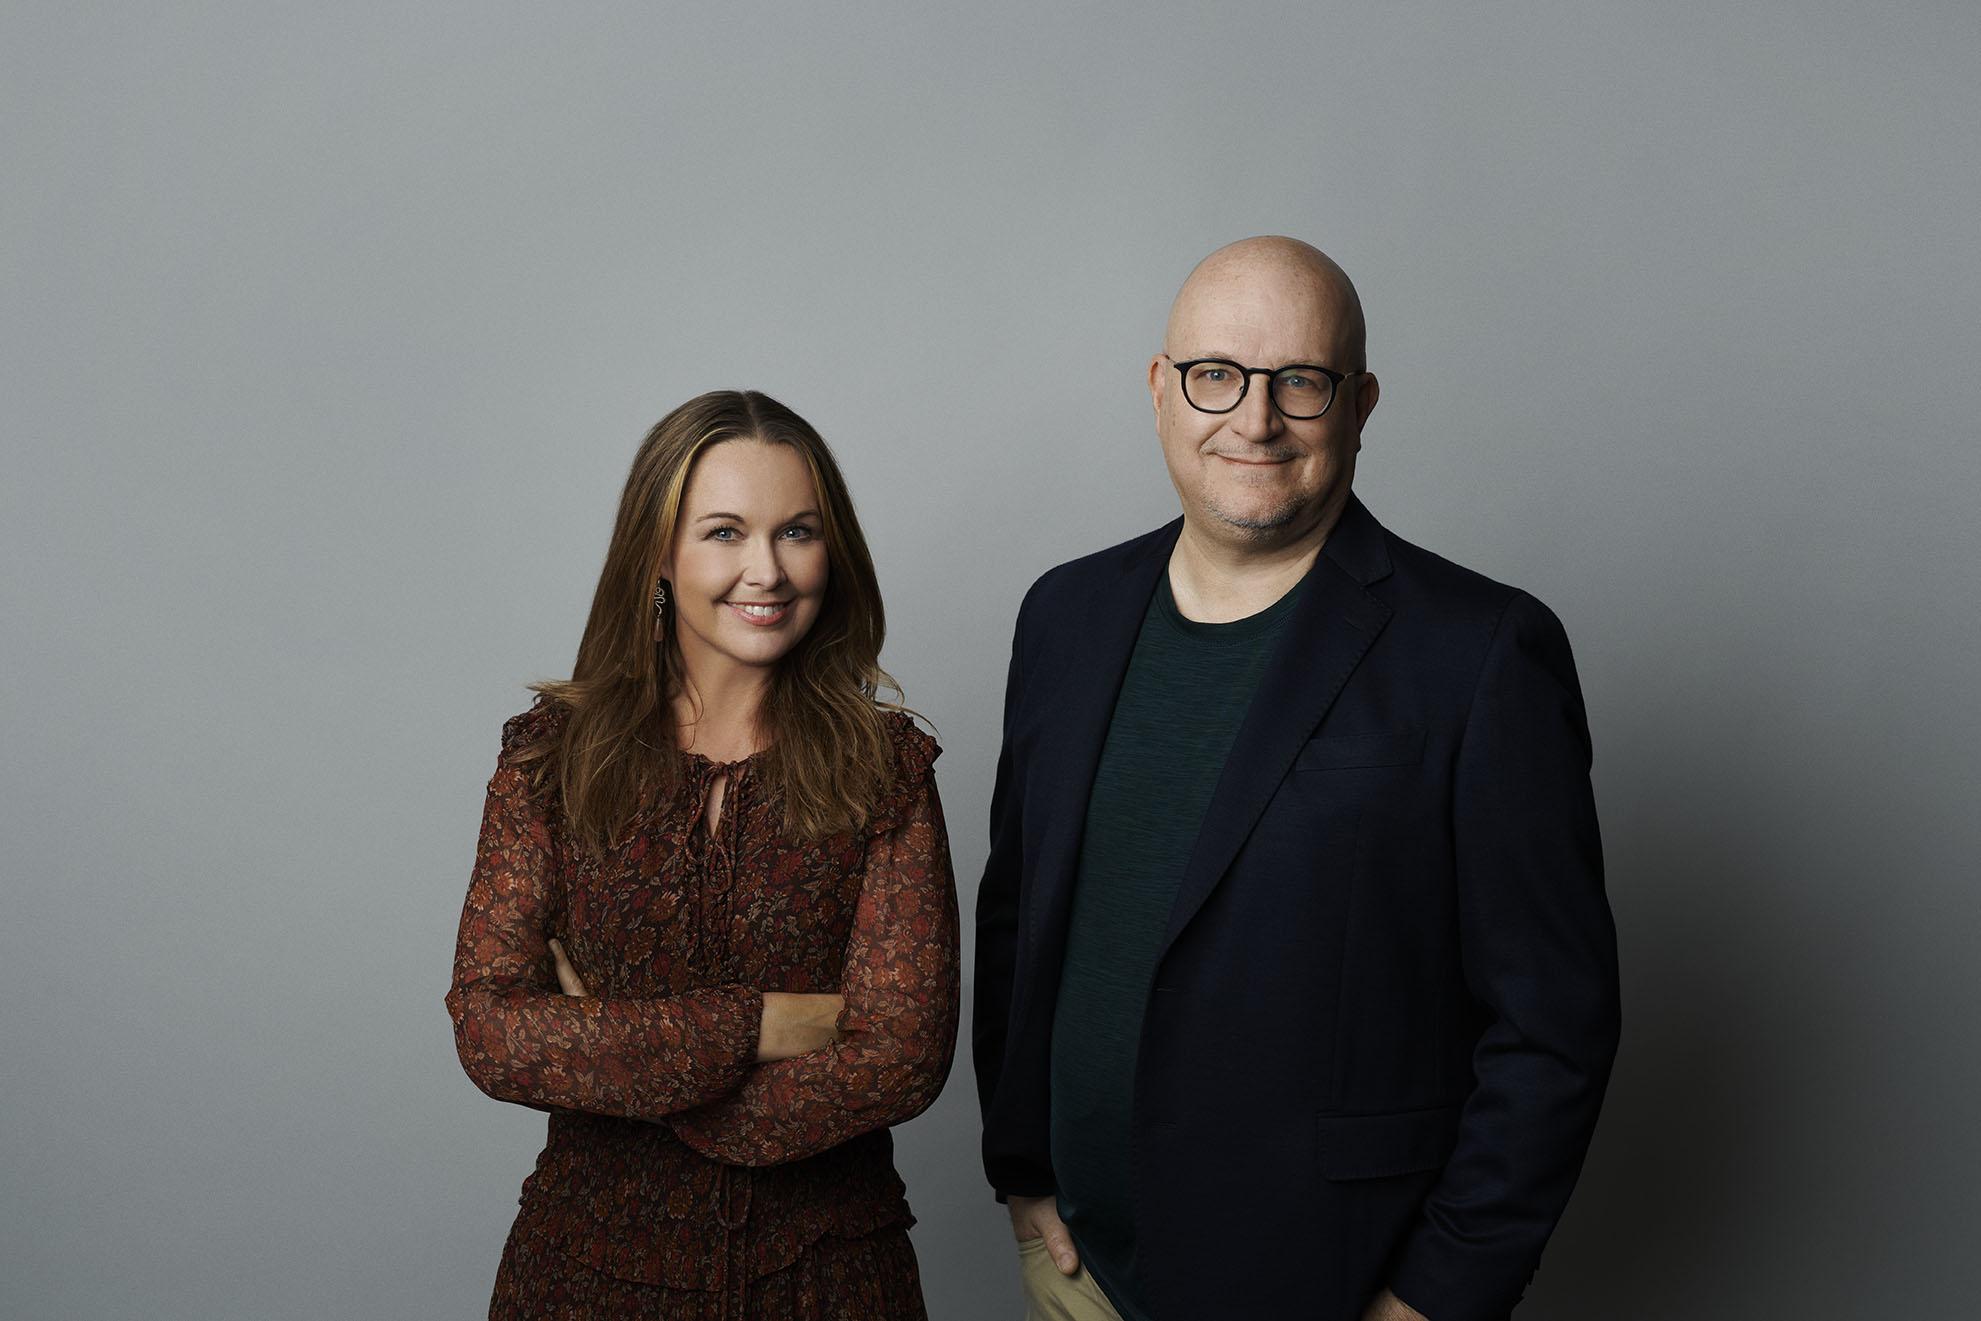 Christina-Sulebakk_Johannes-Larcher_HBO-Max.jpg